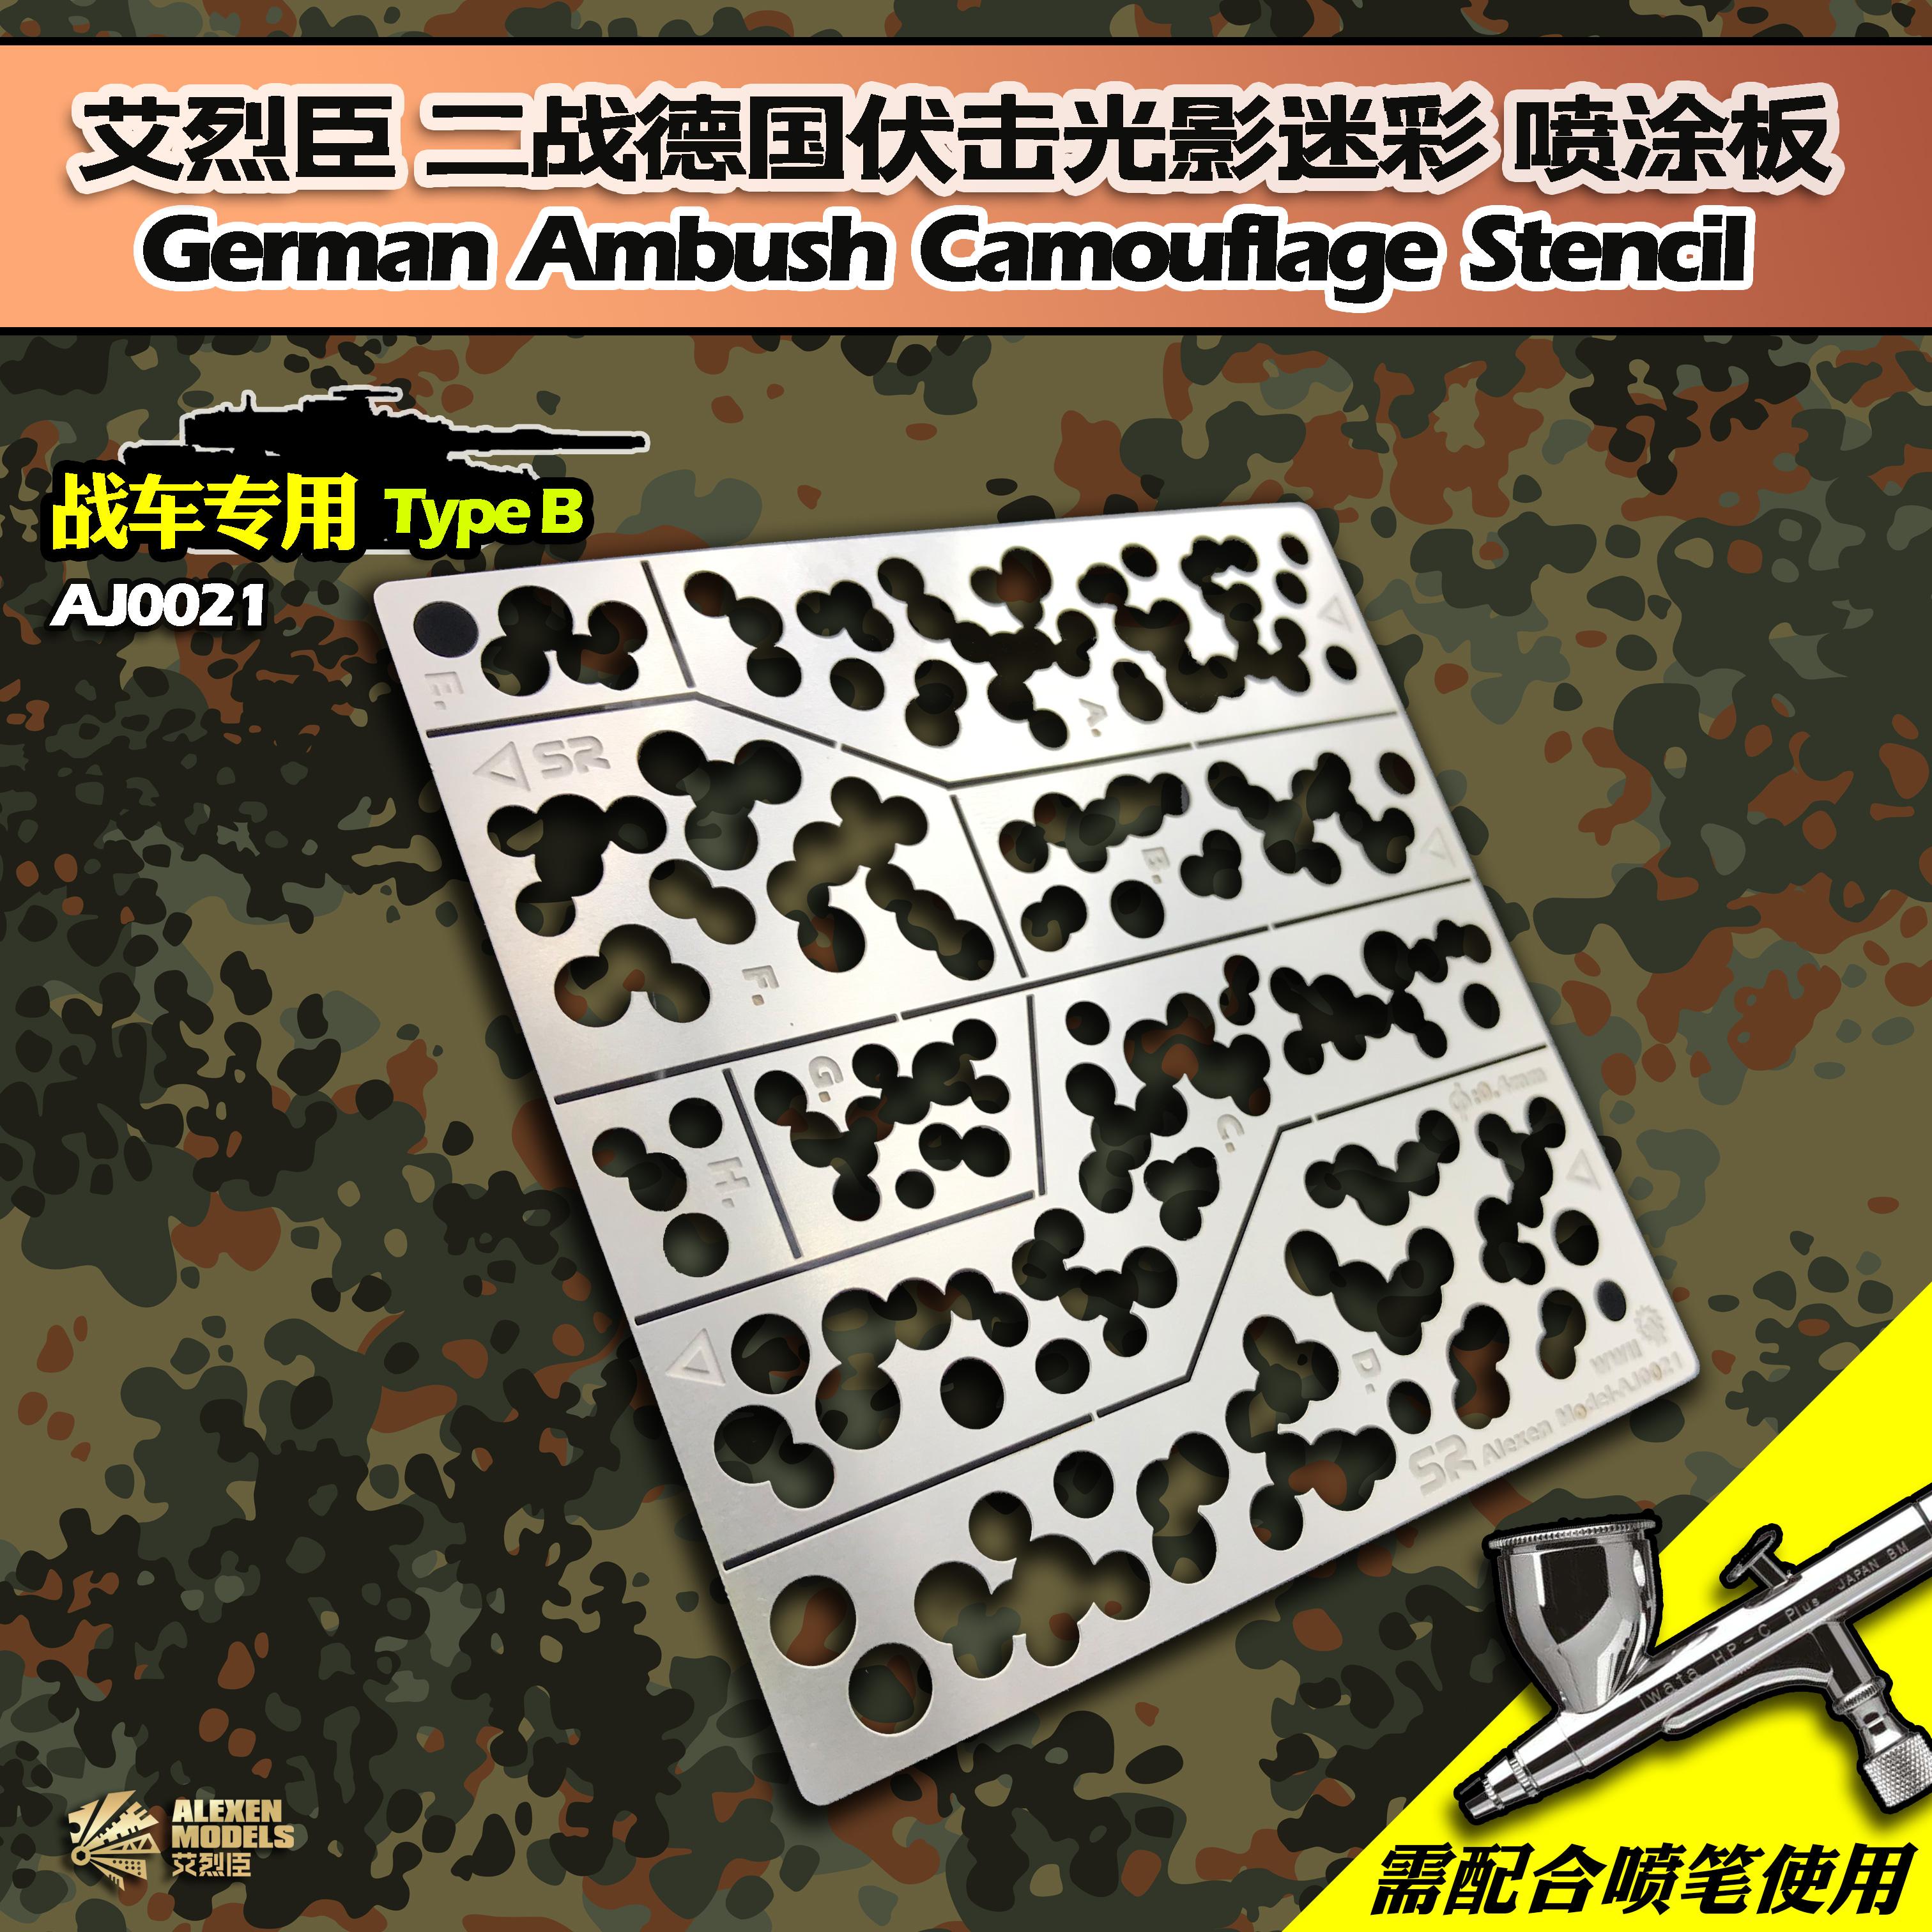 【艾烈臣】AJ0021  二战阿登黑森林波点状 迷彩 喷涂板 样式B